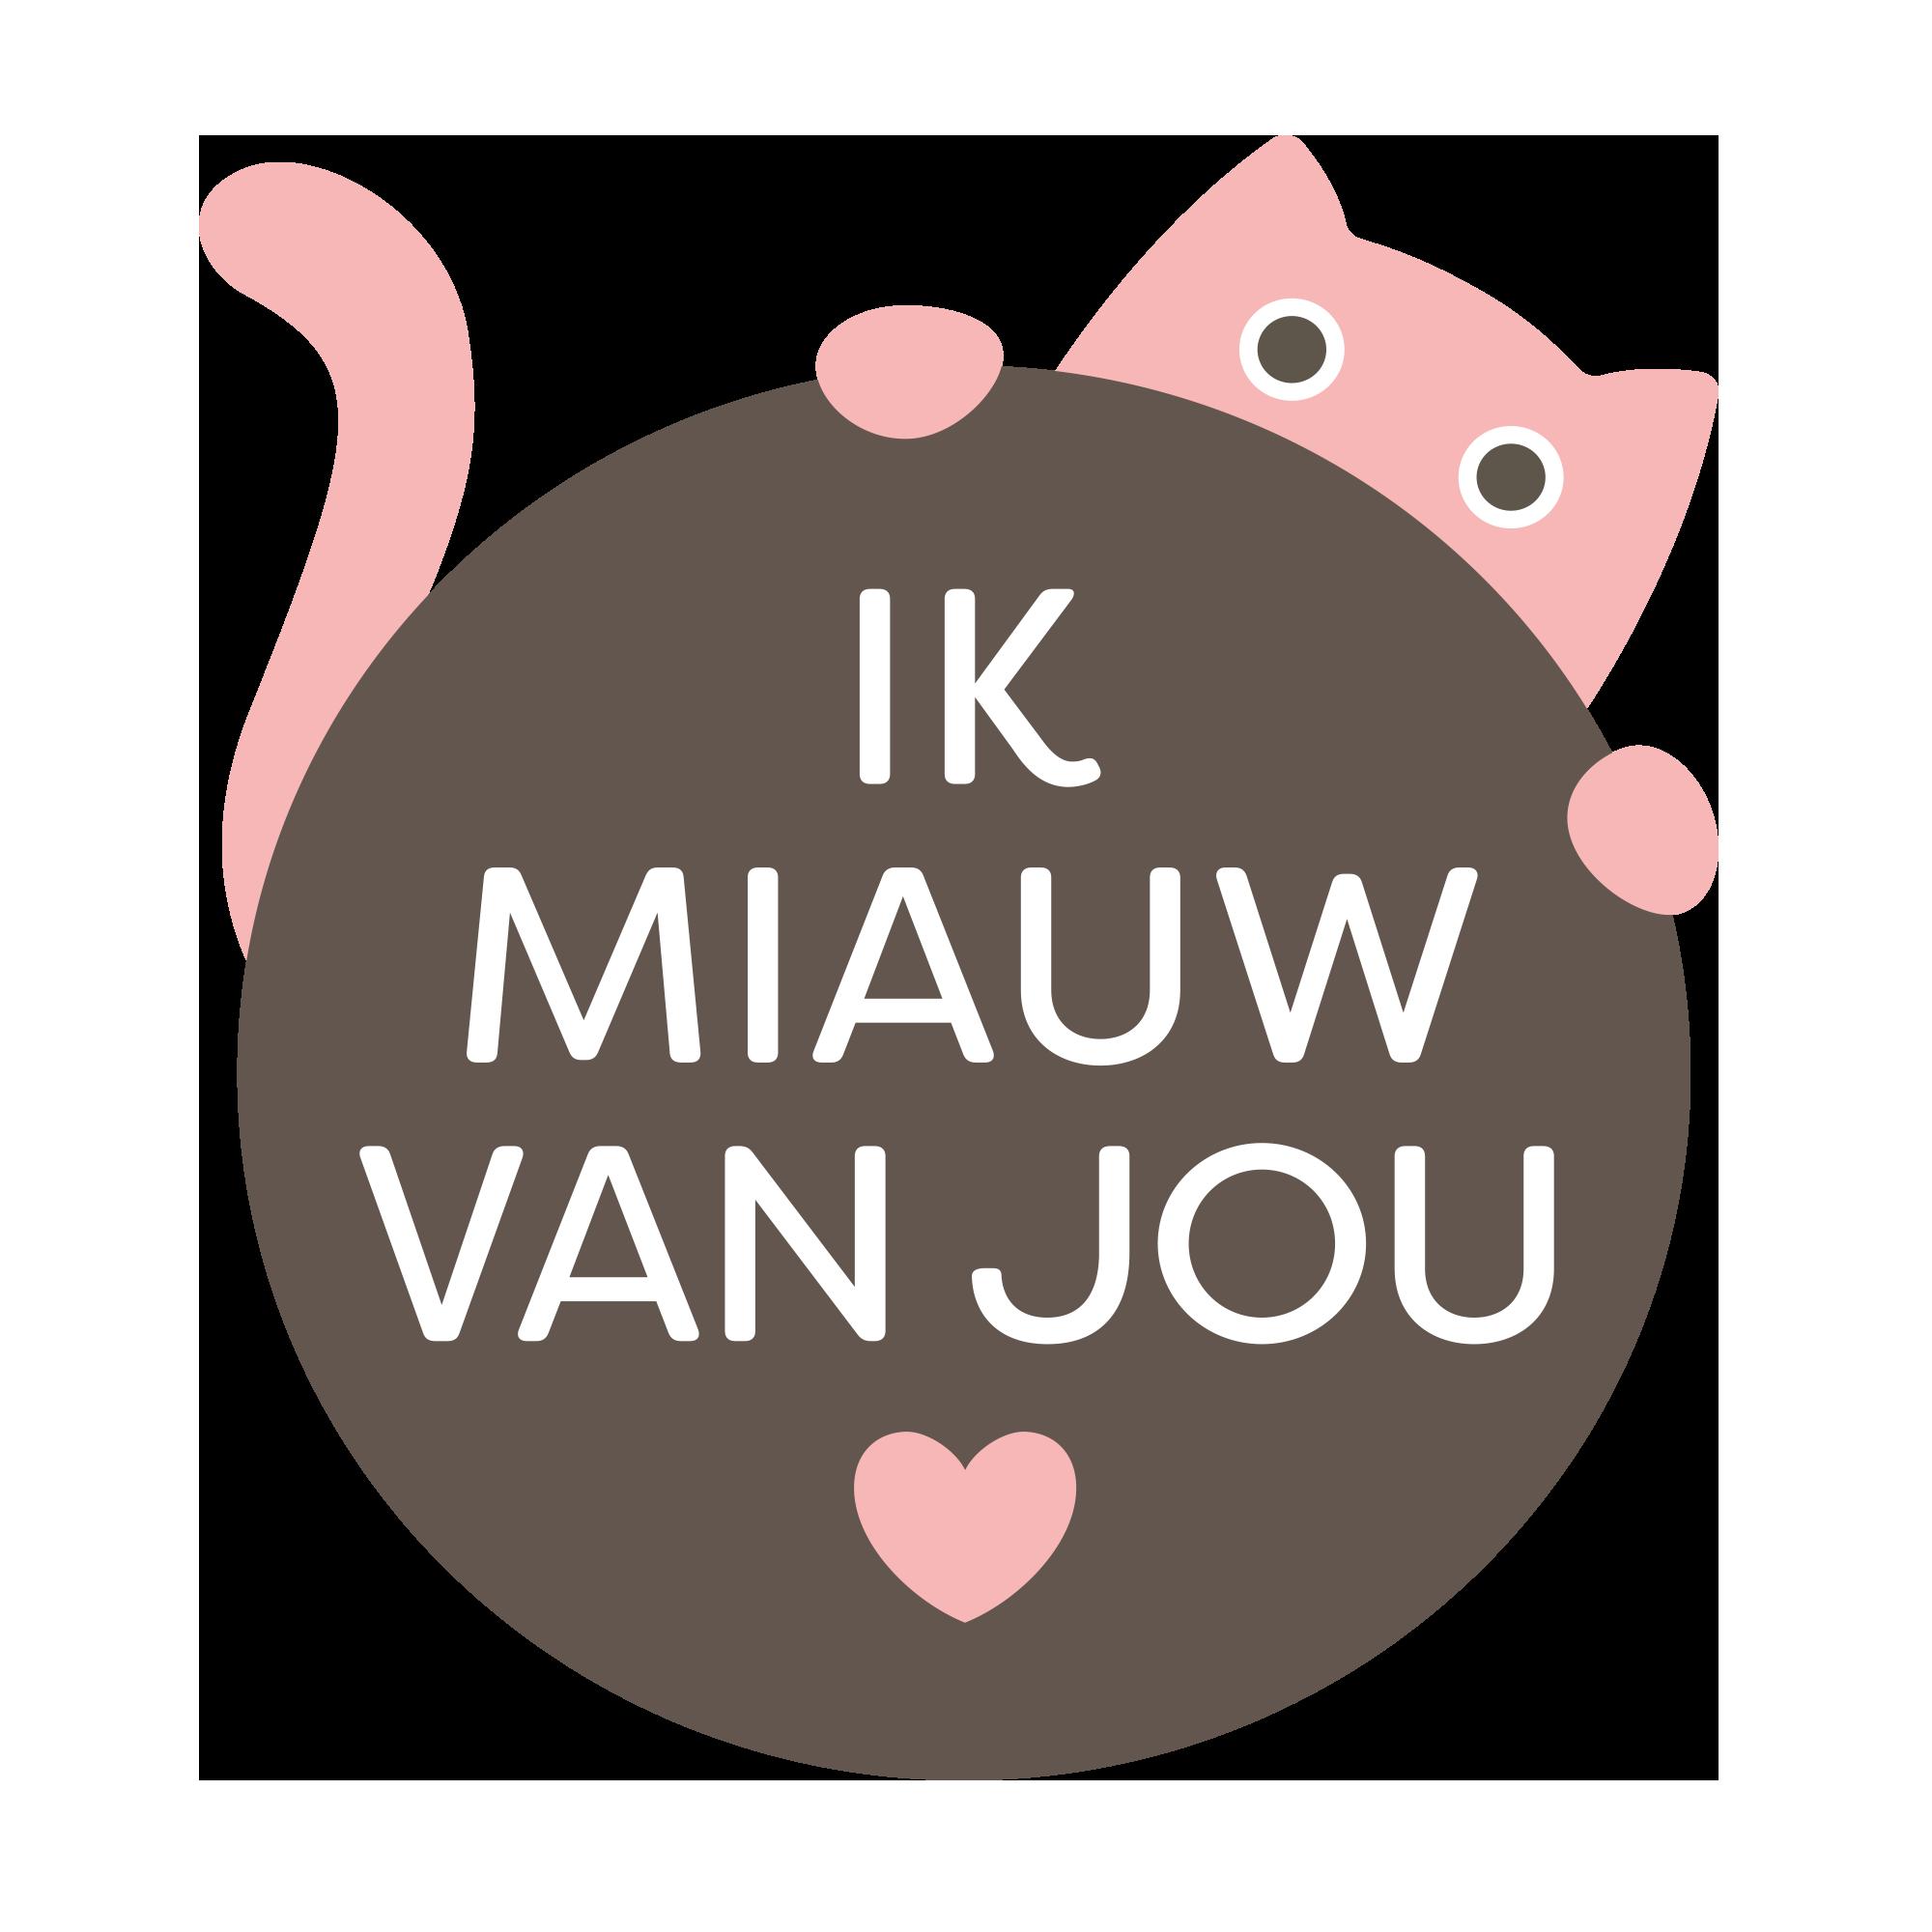 Ik miauw van jou